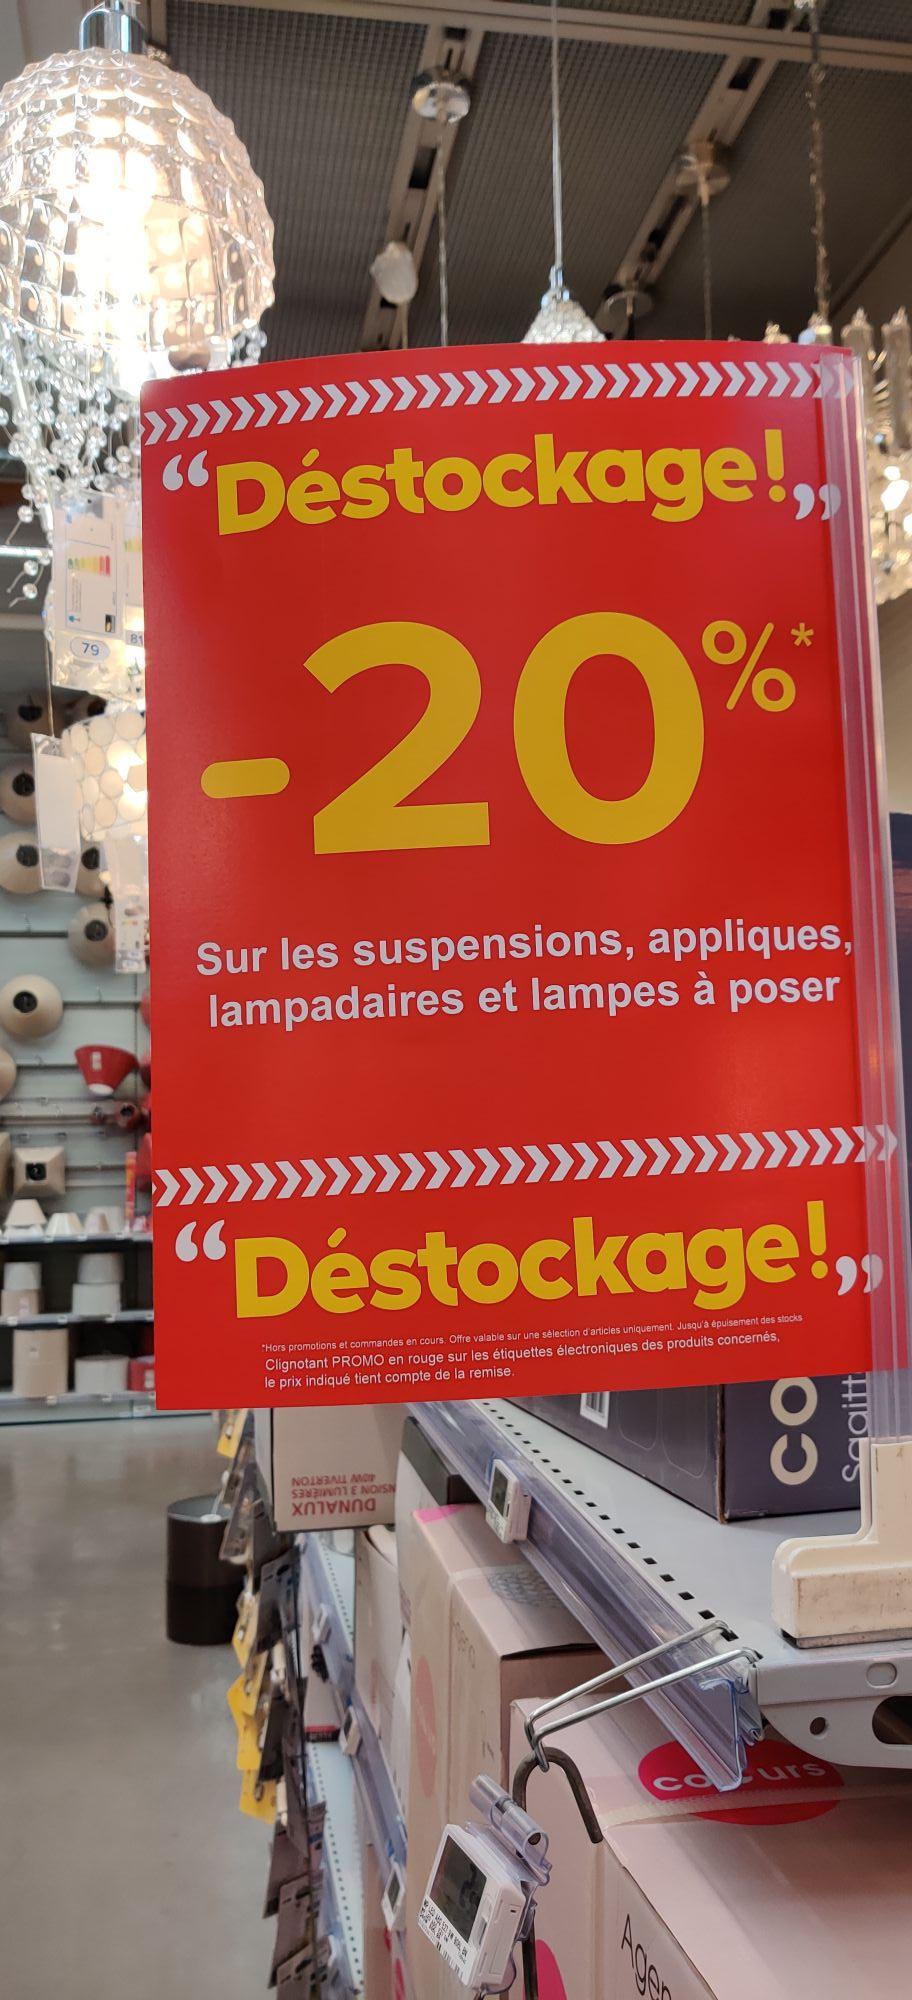 20% de remise sur une grande sélection de suspensions, appliques, lampadaires et lampes à poser - Besançon (25)